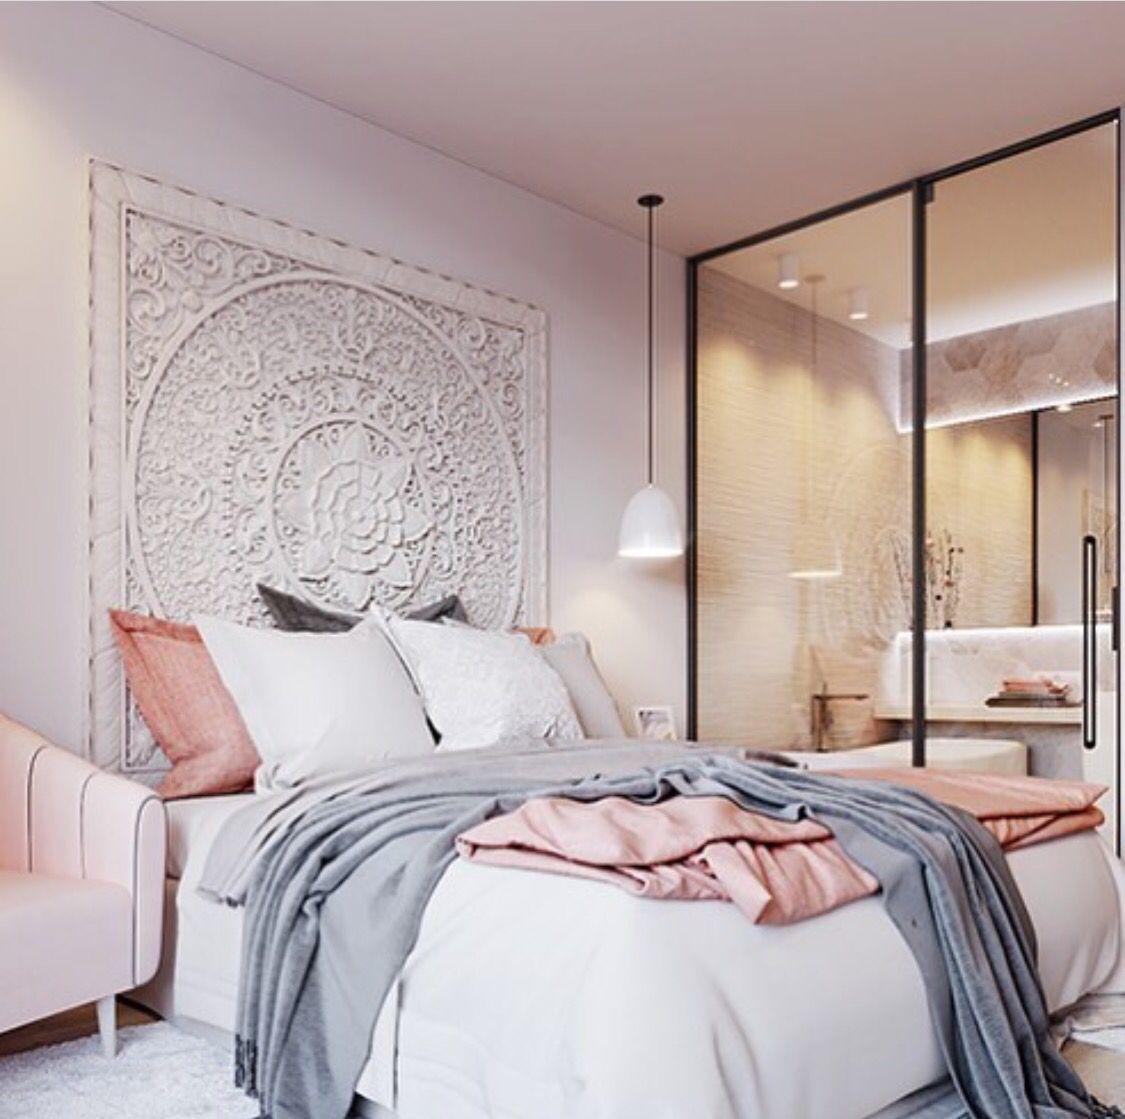 Projeto de Dima Kravtsov   Bedrooms   Pinterest   Decoración de ...